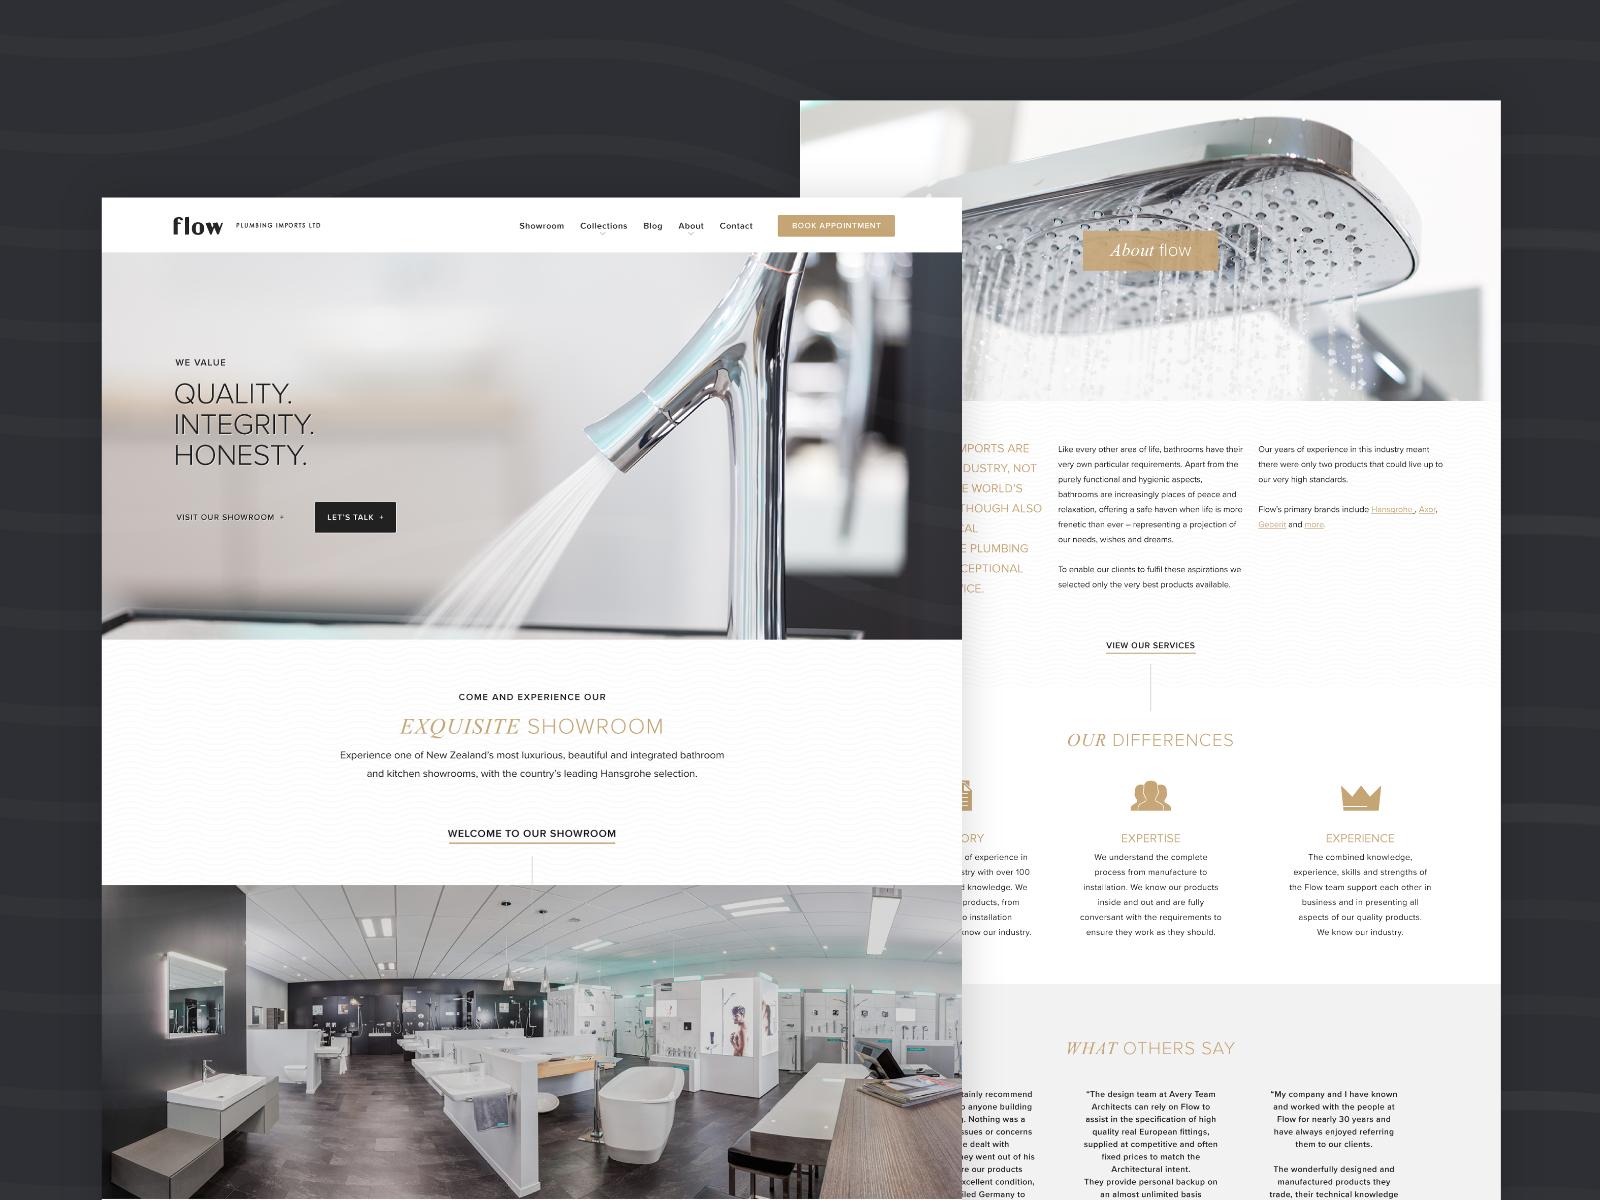 Flow Plumbing Imports - Website